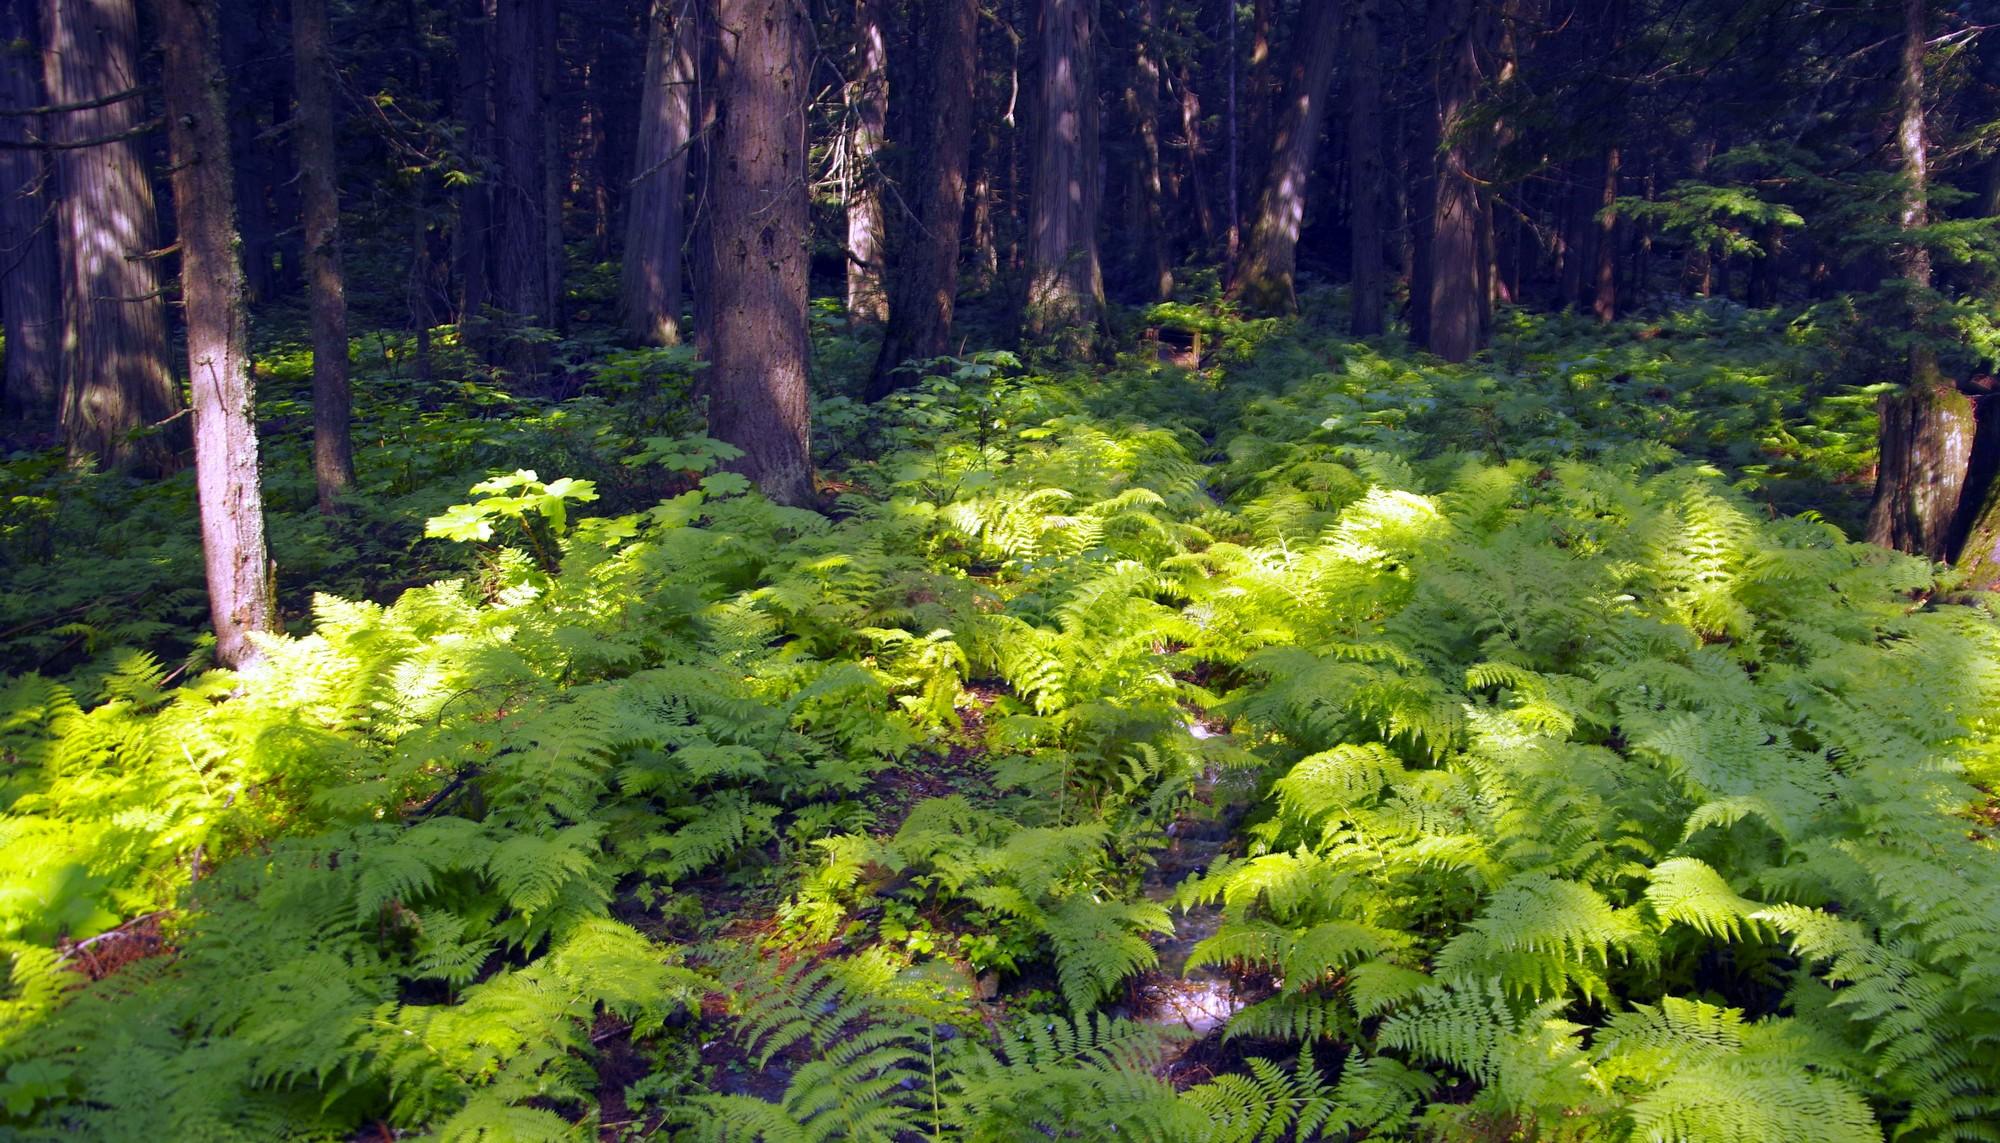 Que la fougèere pousse bien dans les forêts humides